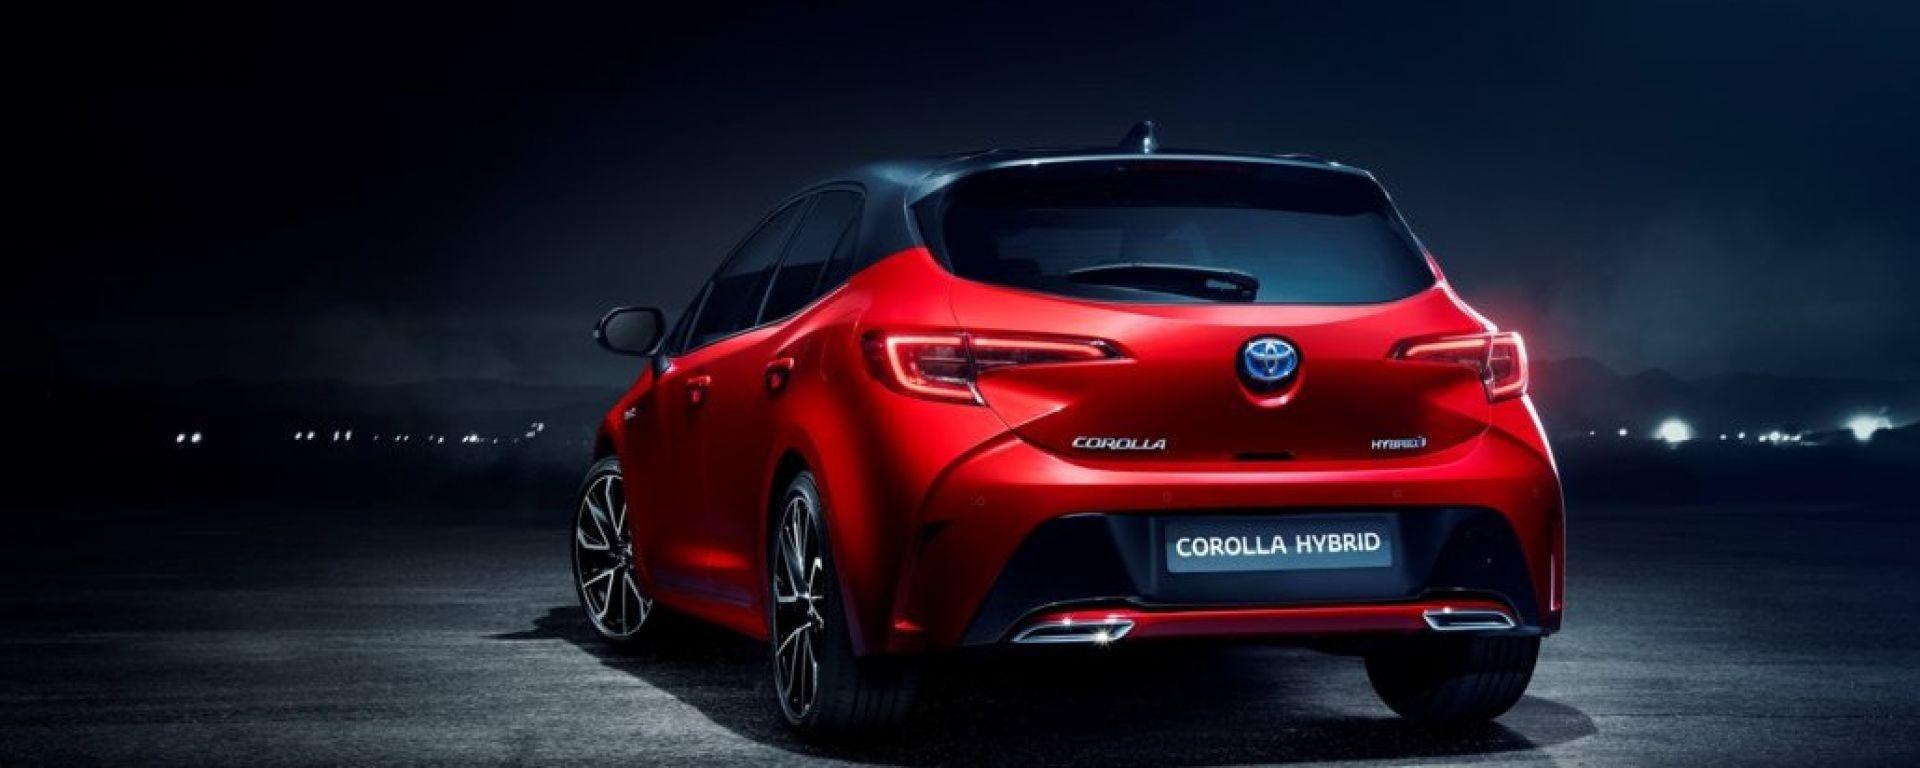 Toyota: addio Auris, nel 2019 torna la Corolla